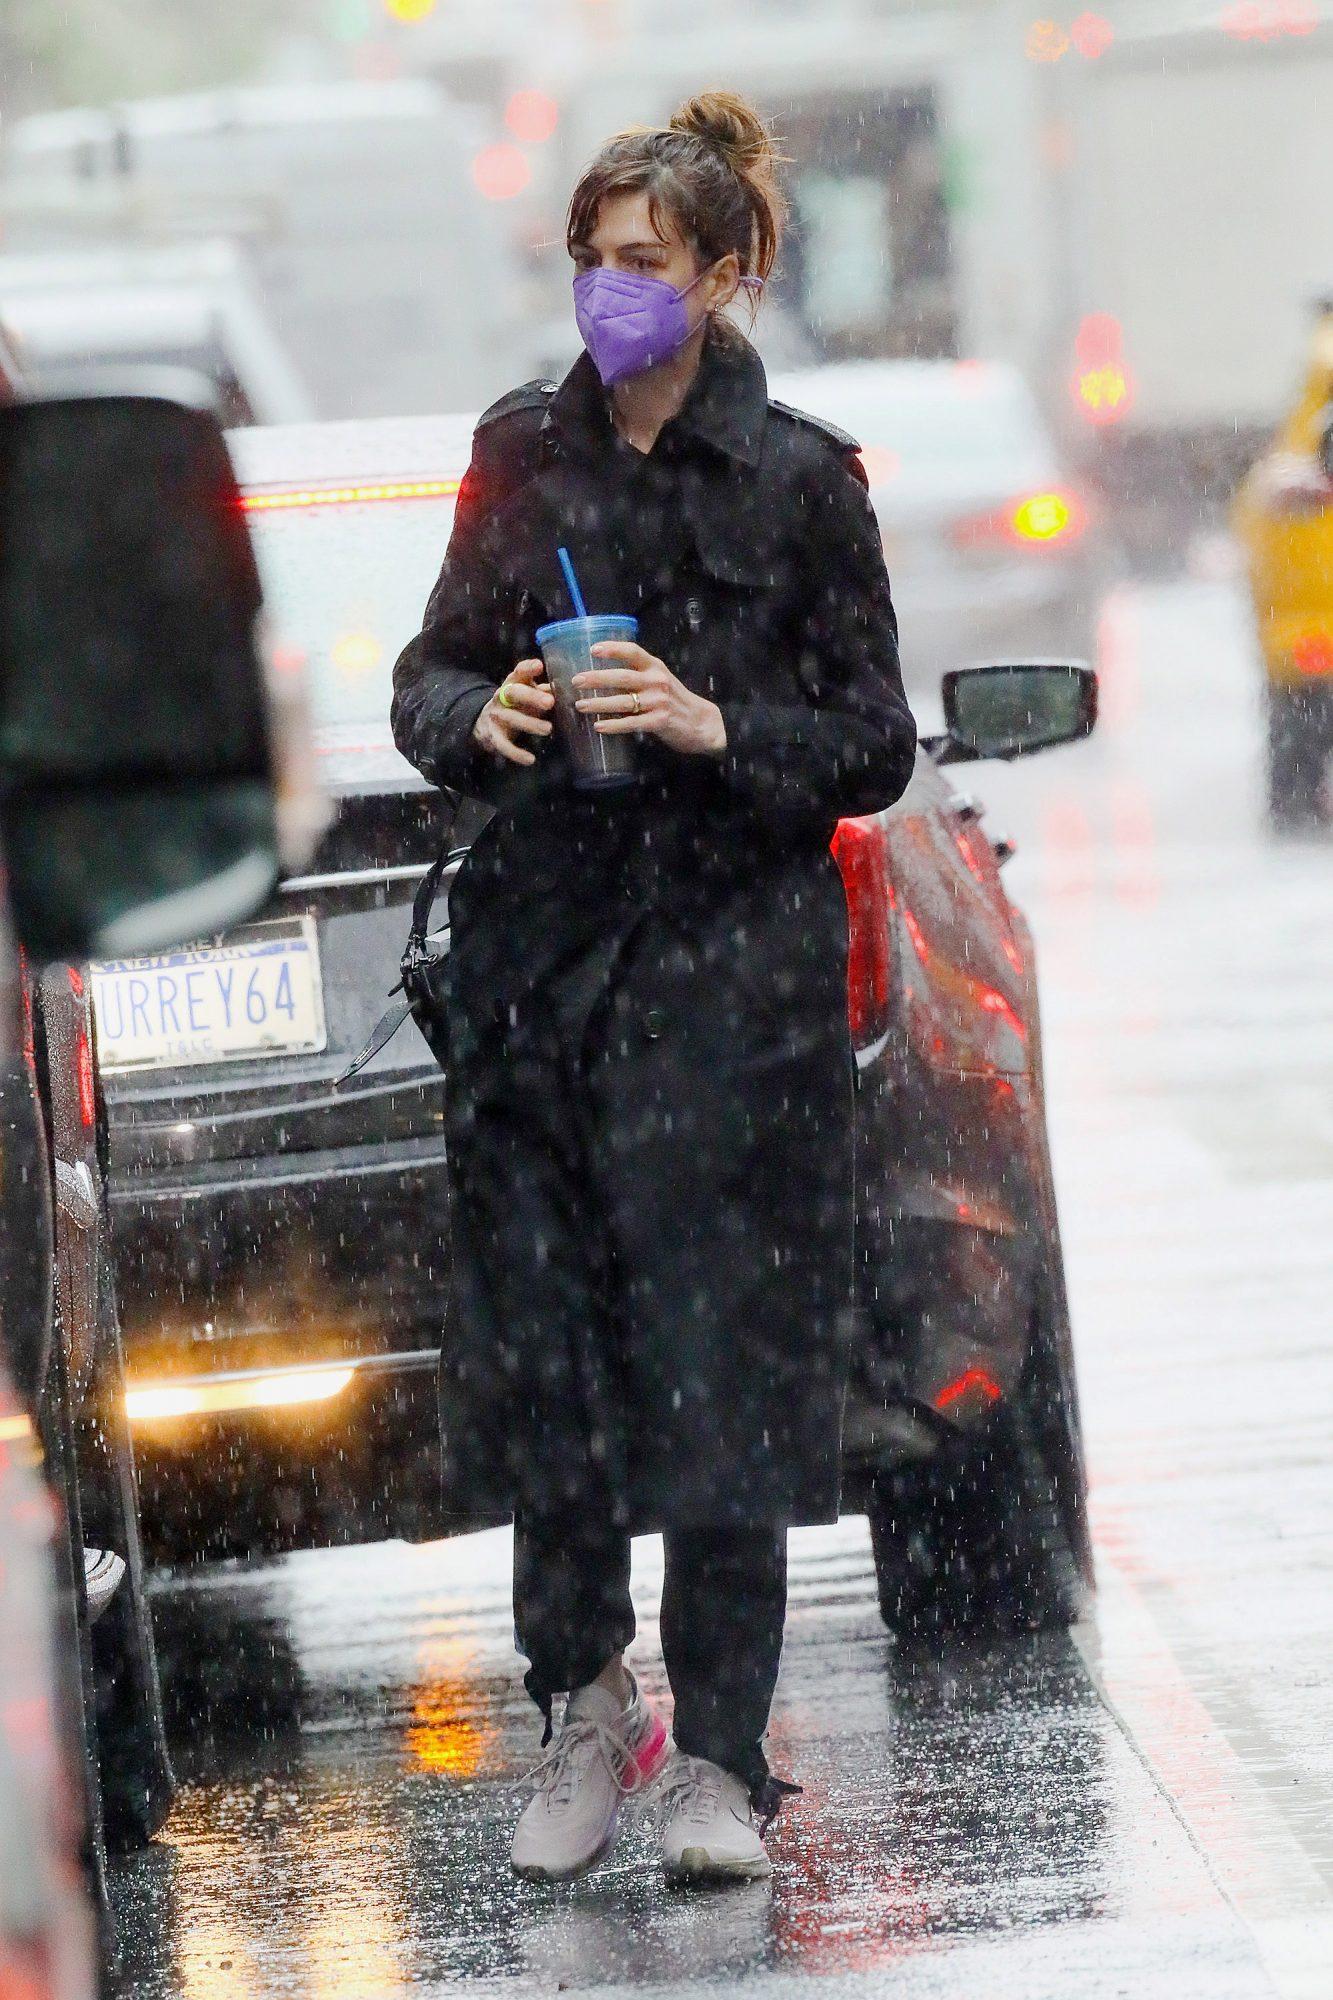 Captamos a la modelo caminando bajo la lluvia con este gabardina negra, pantalón del mismo color y tenis.